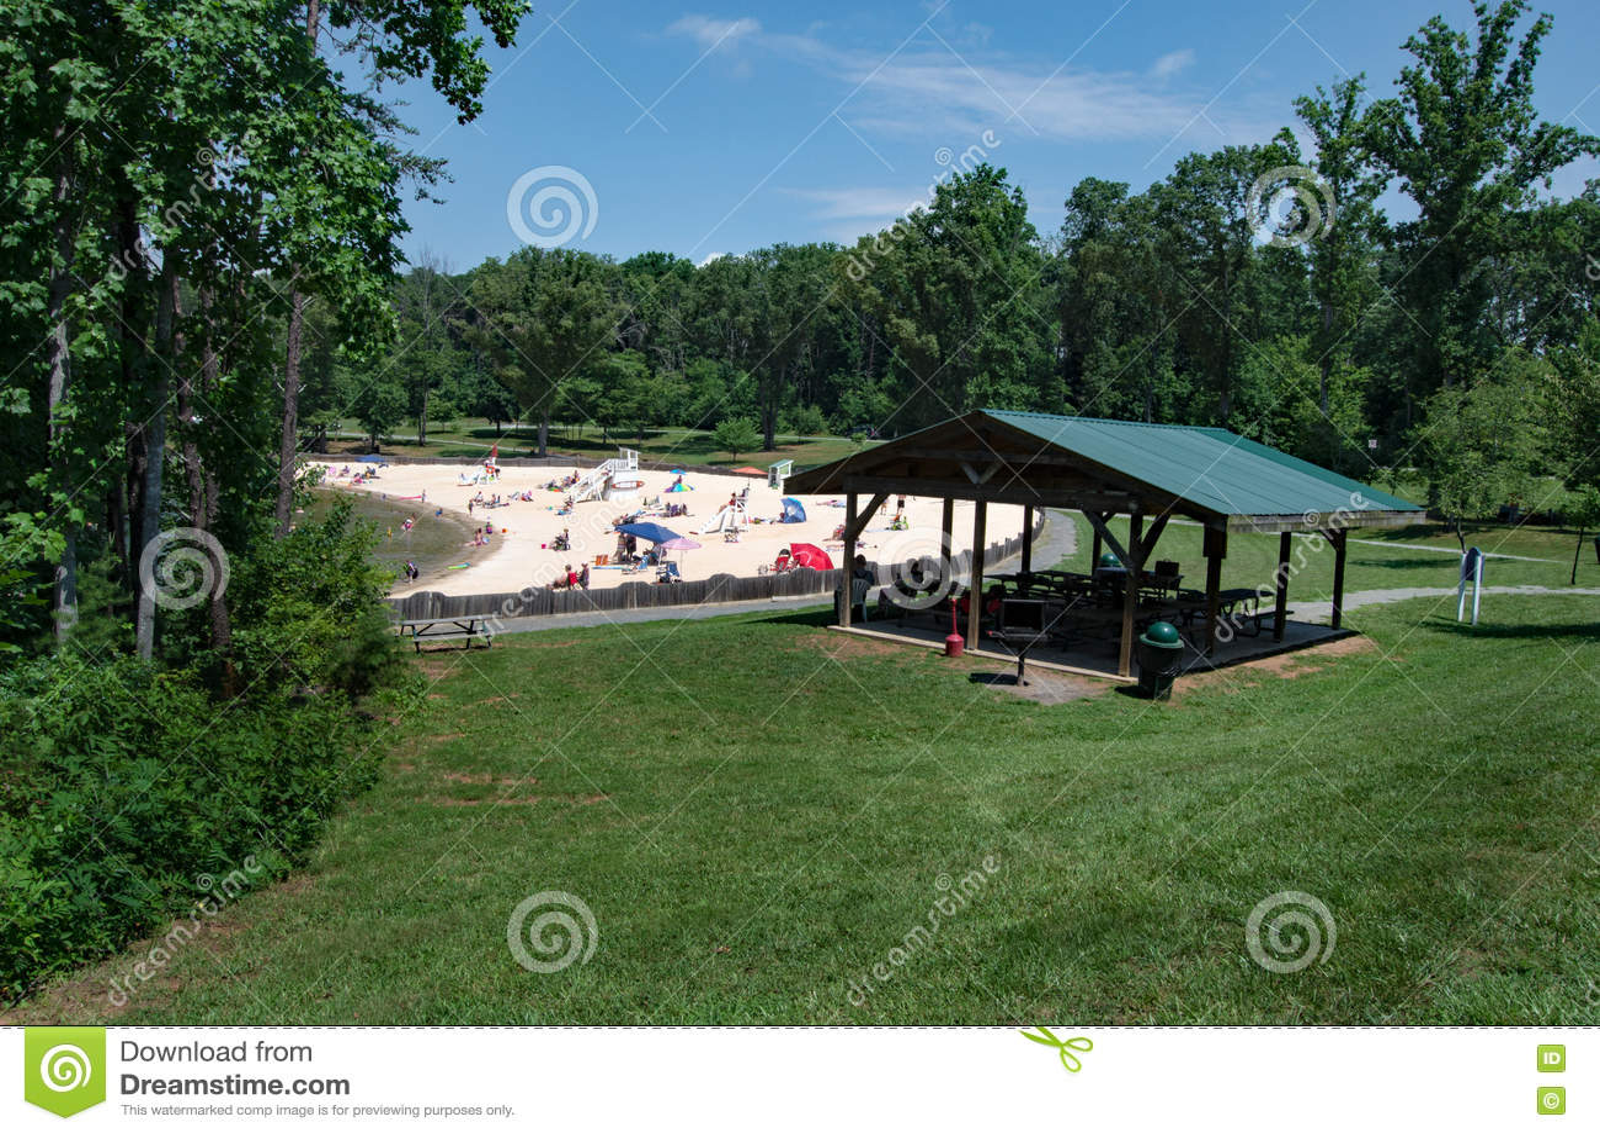 Sandy Beach at a Community Park